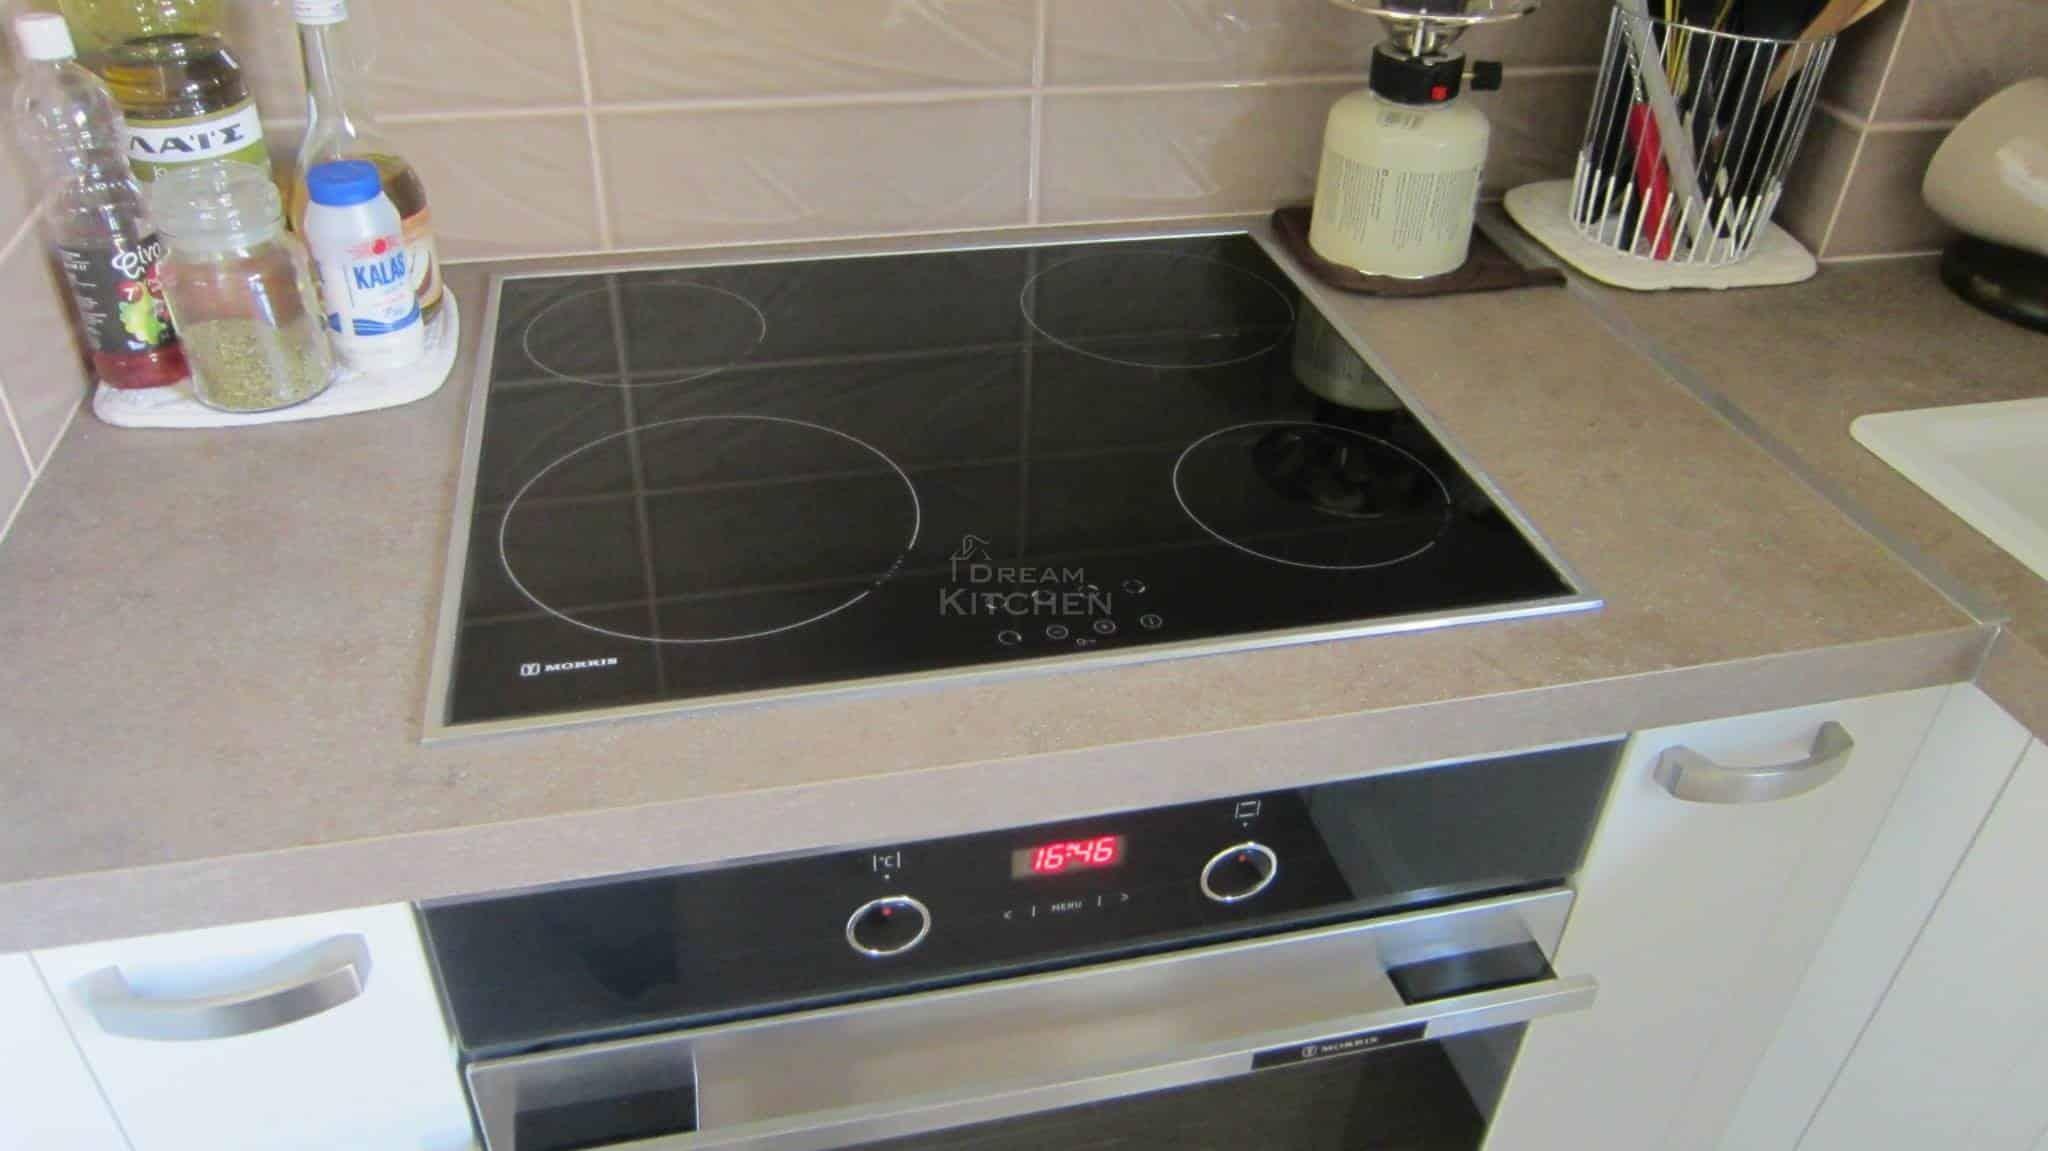 Κουζινα Πολυμερικο σε λευκο χρωματισμο 21